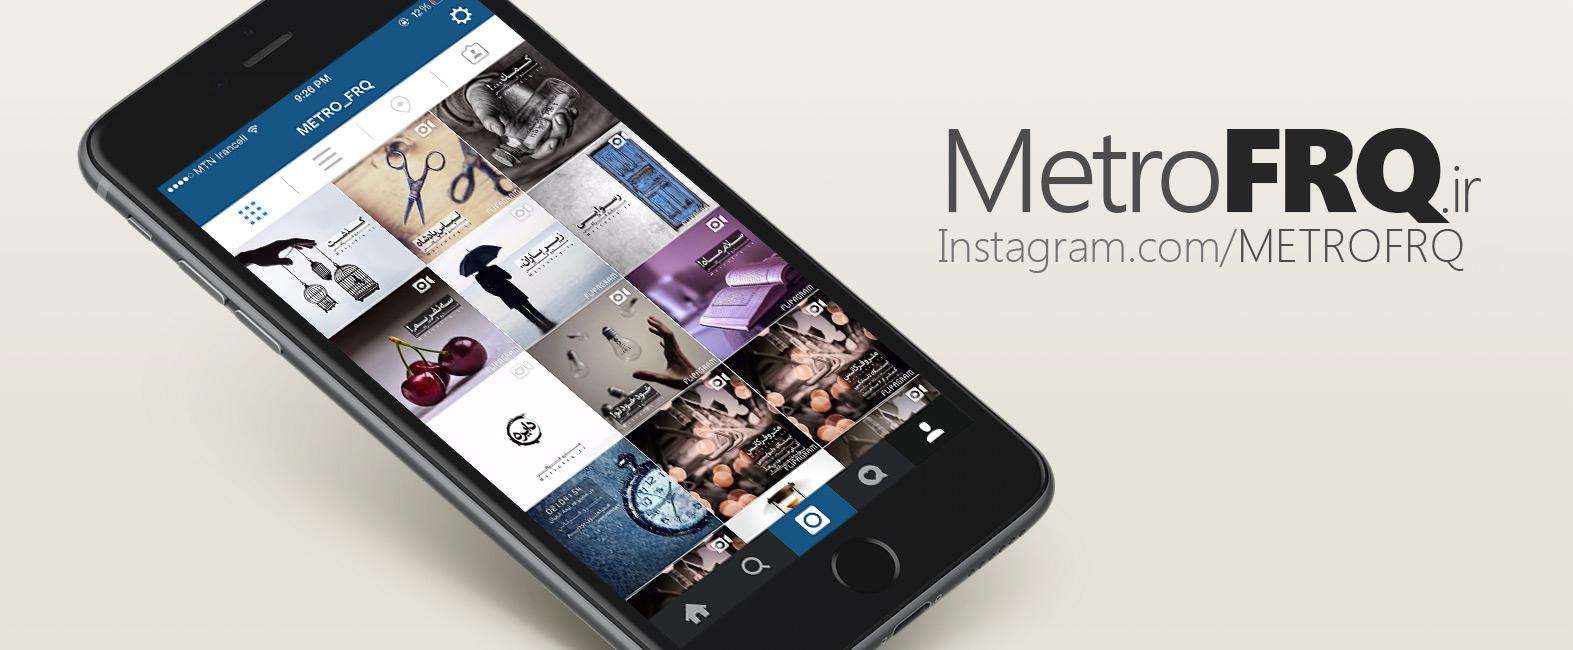 MetroFRQ